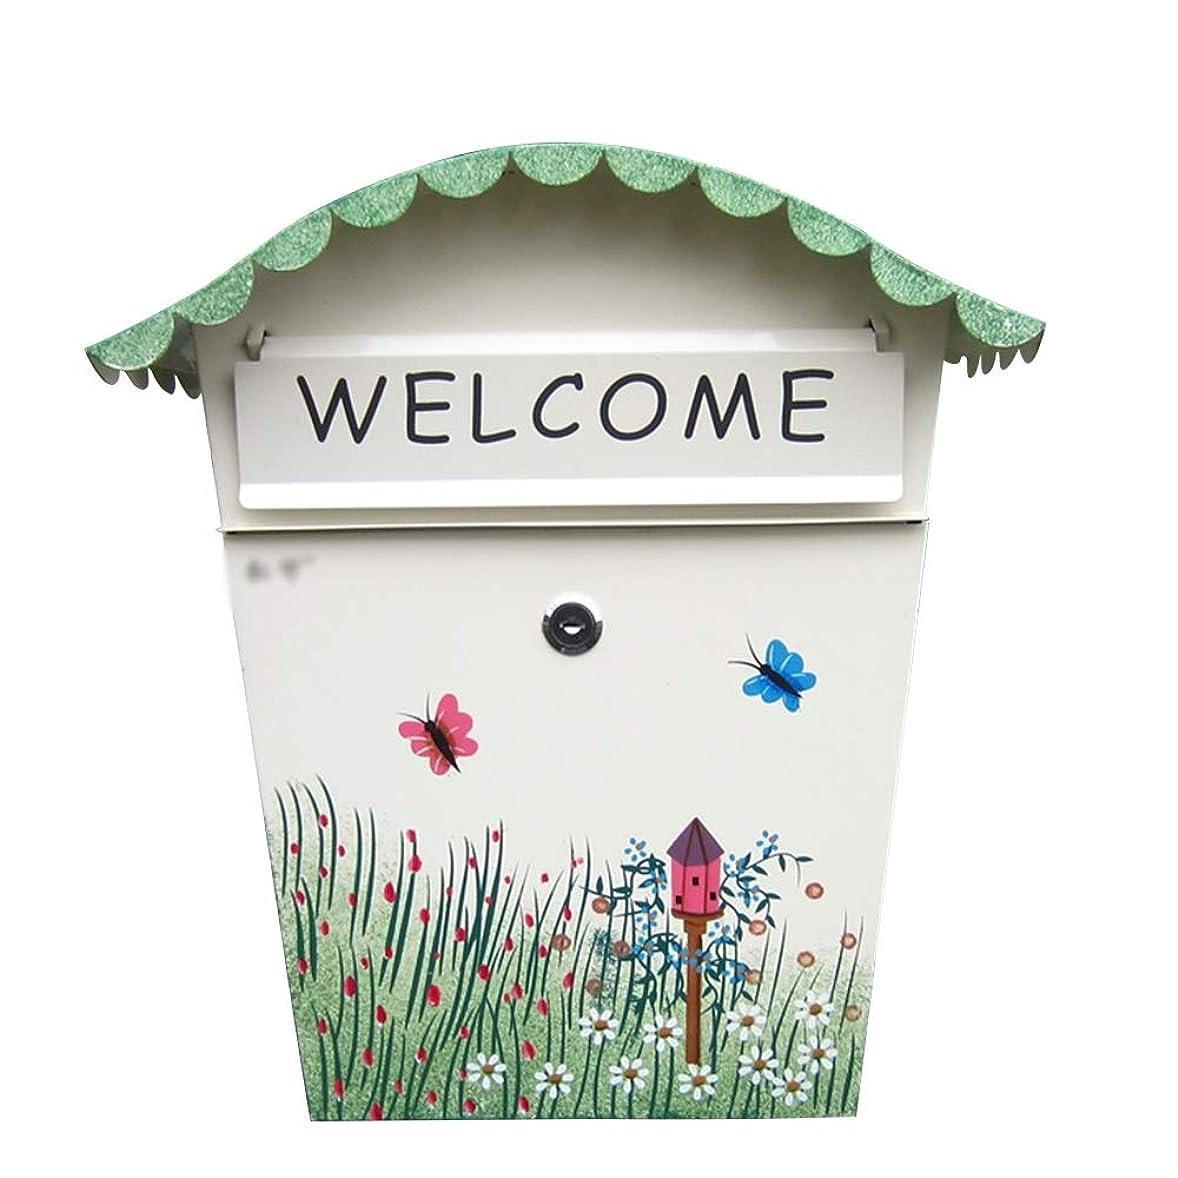 コンパクト間隔ブローホールRui Peng 郵便受け - 電流を通されたシート、ロック雨水の受信箱が付いている創造的な牧歌的な塗られた屋外の壁、別荘、パティオ、家のために適した - 利用できる2つの様式 ウォールマウントメールボックス (色 : A)